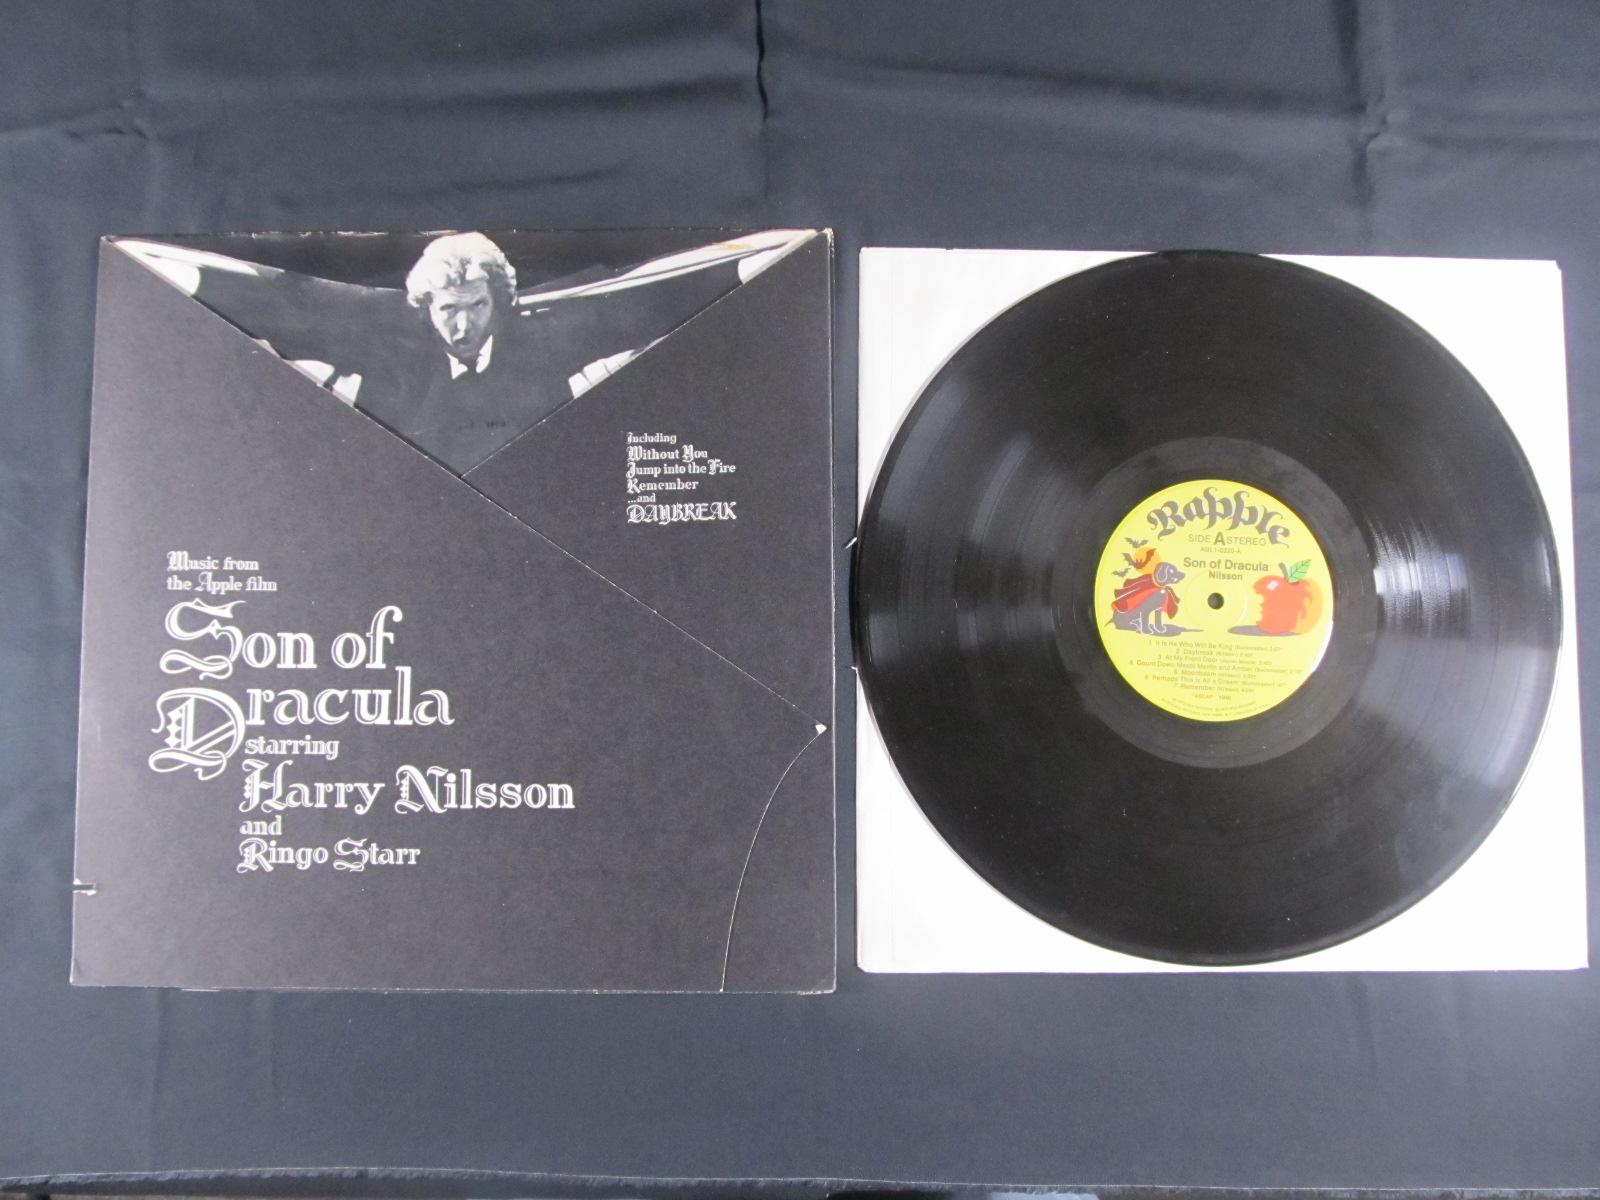 中古LP Harry Nilson and Ringo Starr『Son of Dracula』/ハリーニルソンandリンゴ・スター『Son Of Dracula』画像